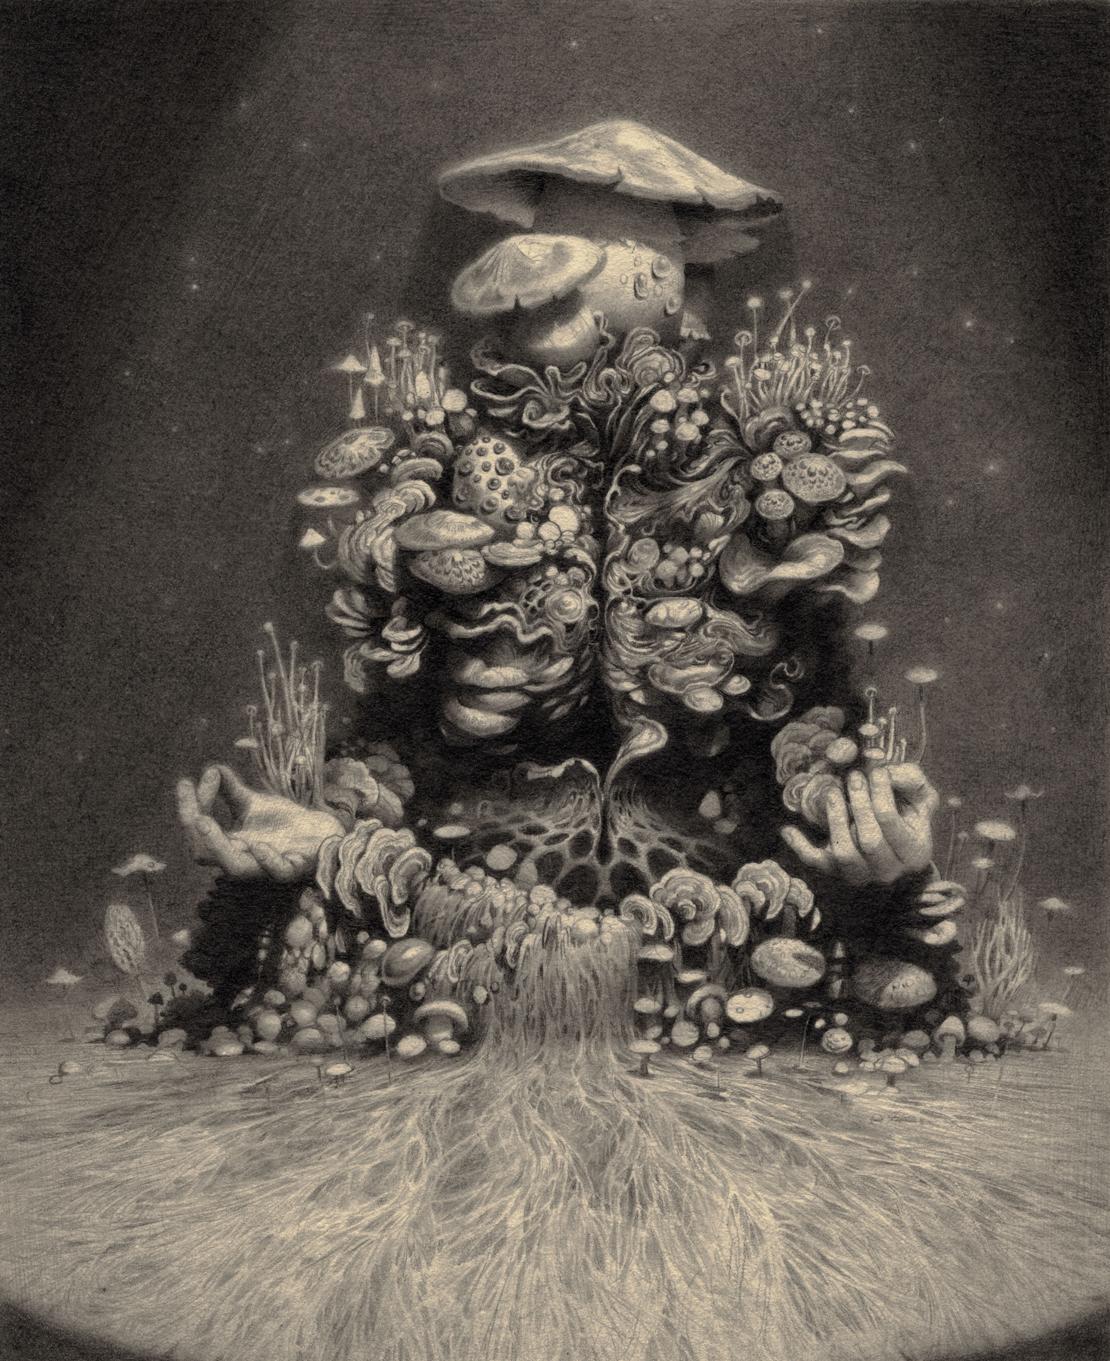 mycelialmanfb.jpg